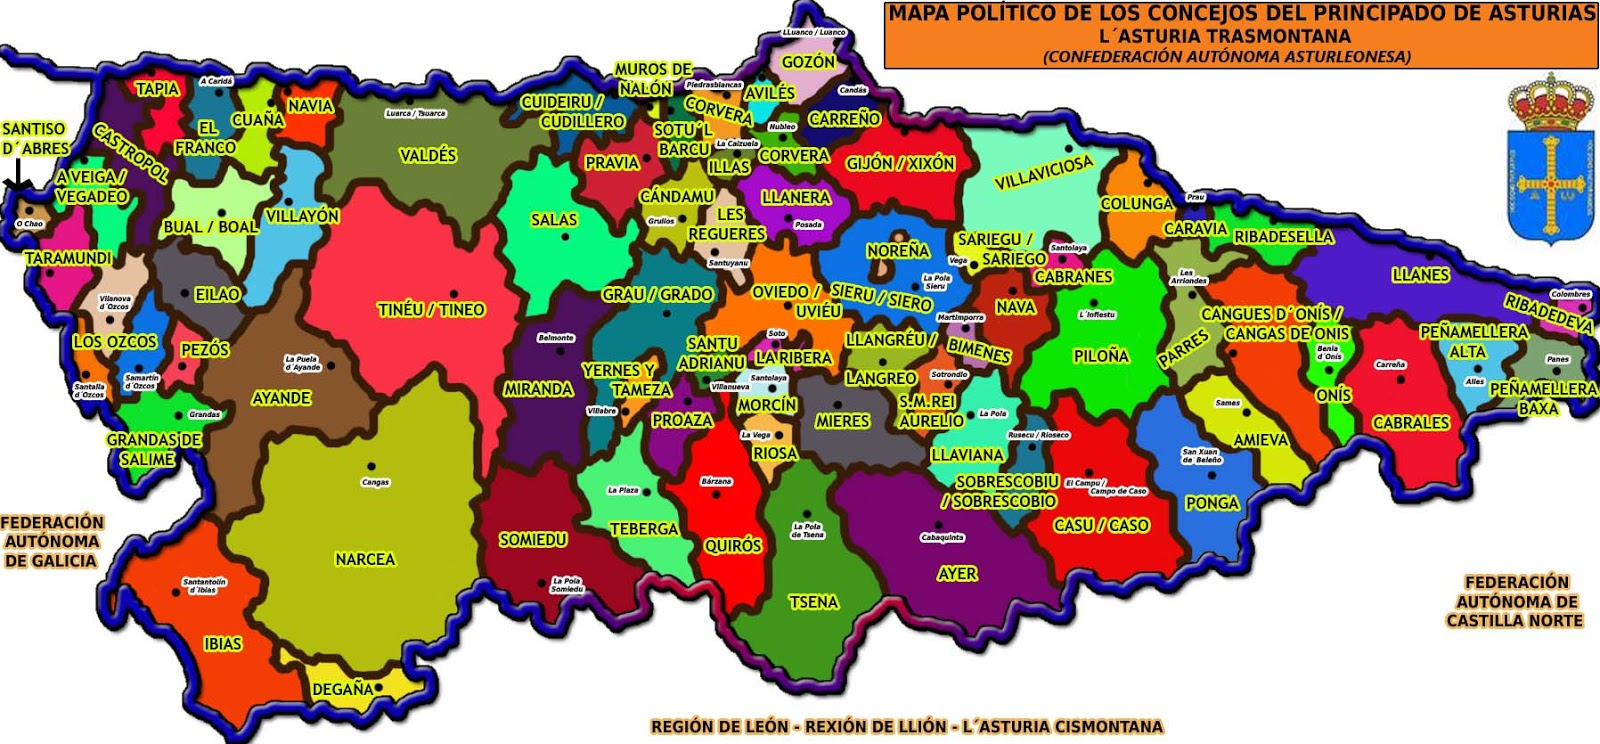 Mapa político Asturias